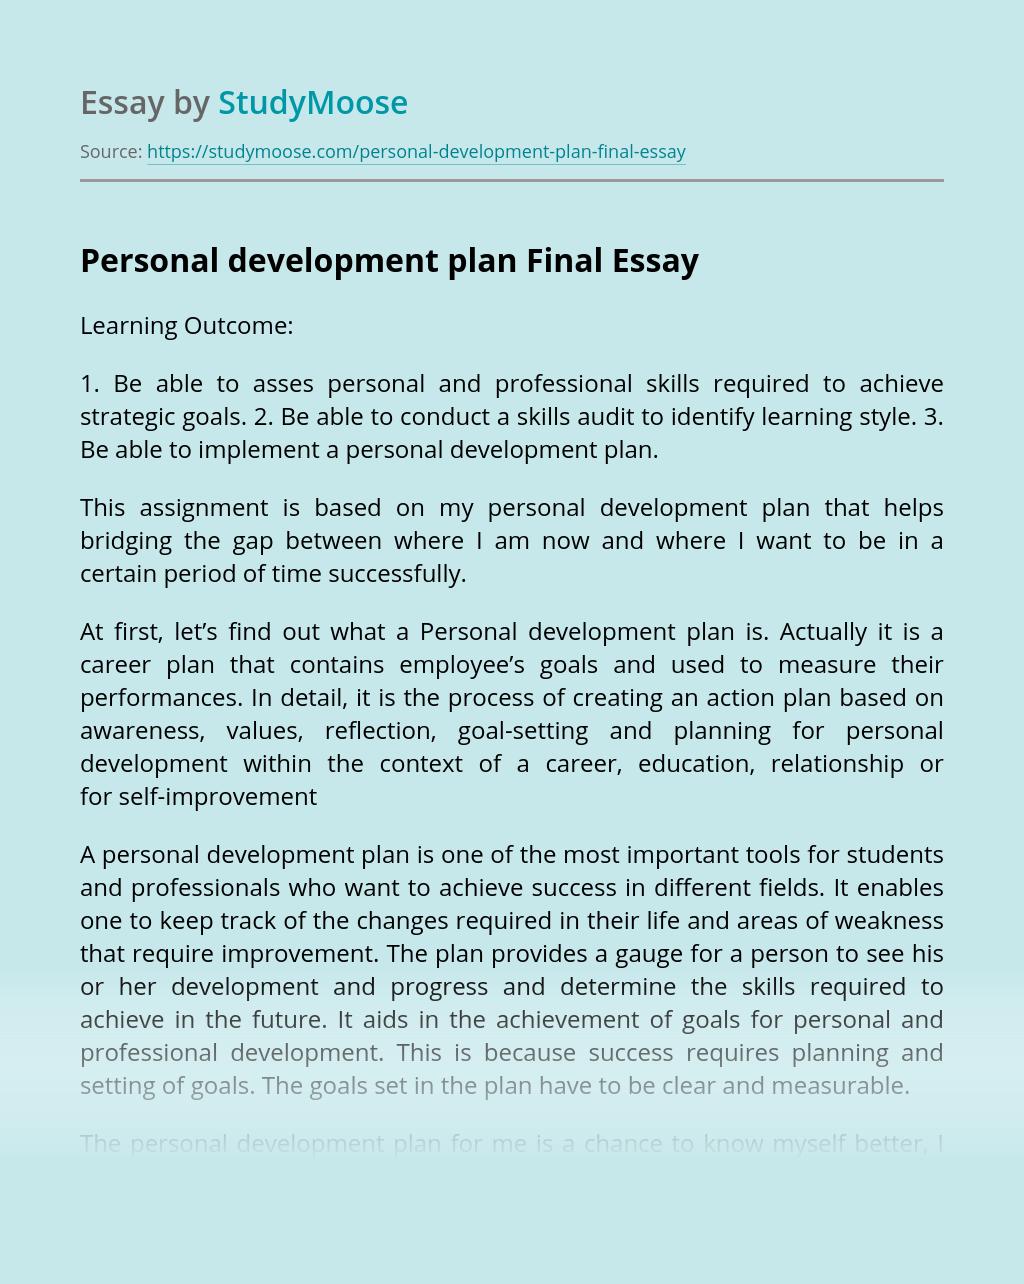 Personal development plan Final